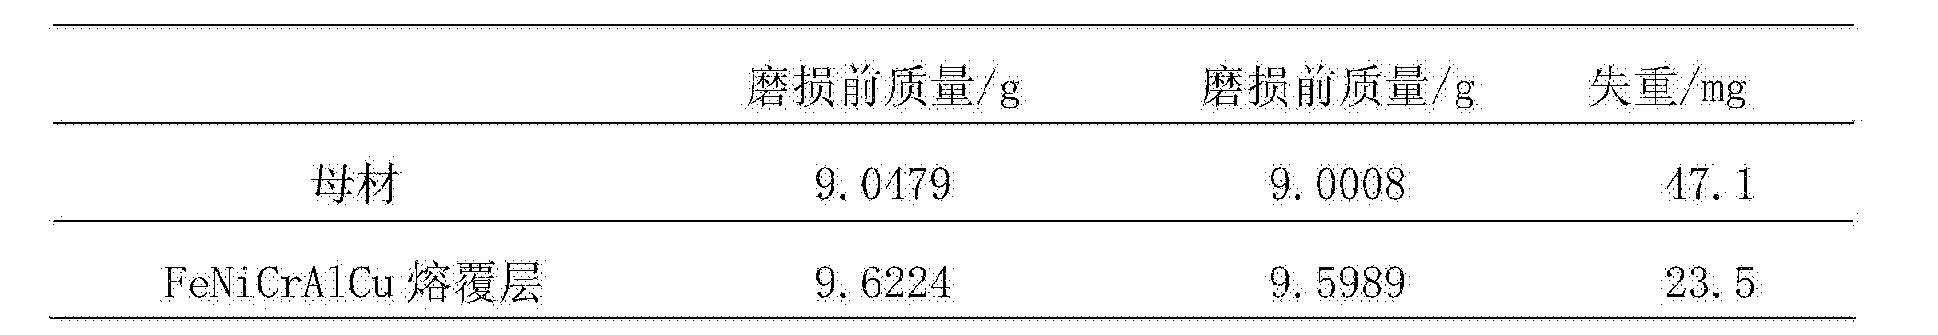 Figure CN104141127BD00061